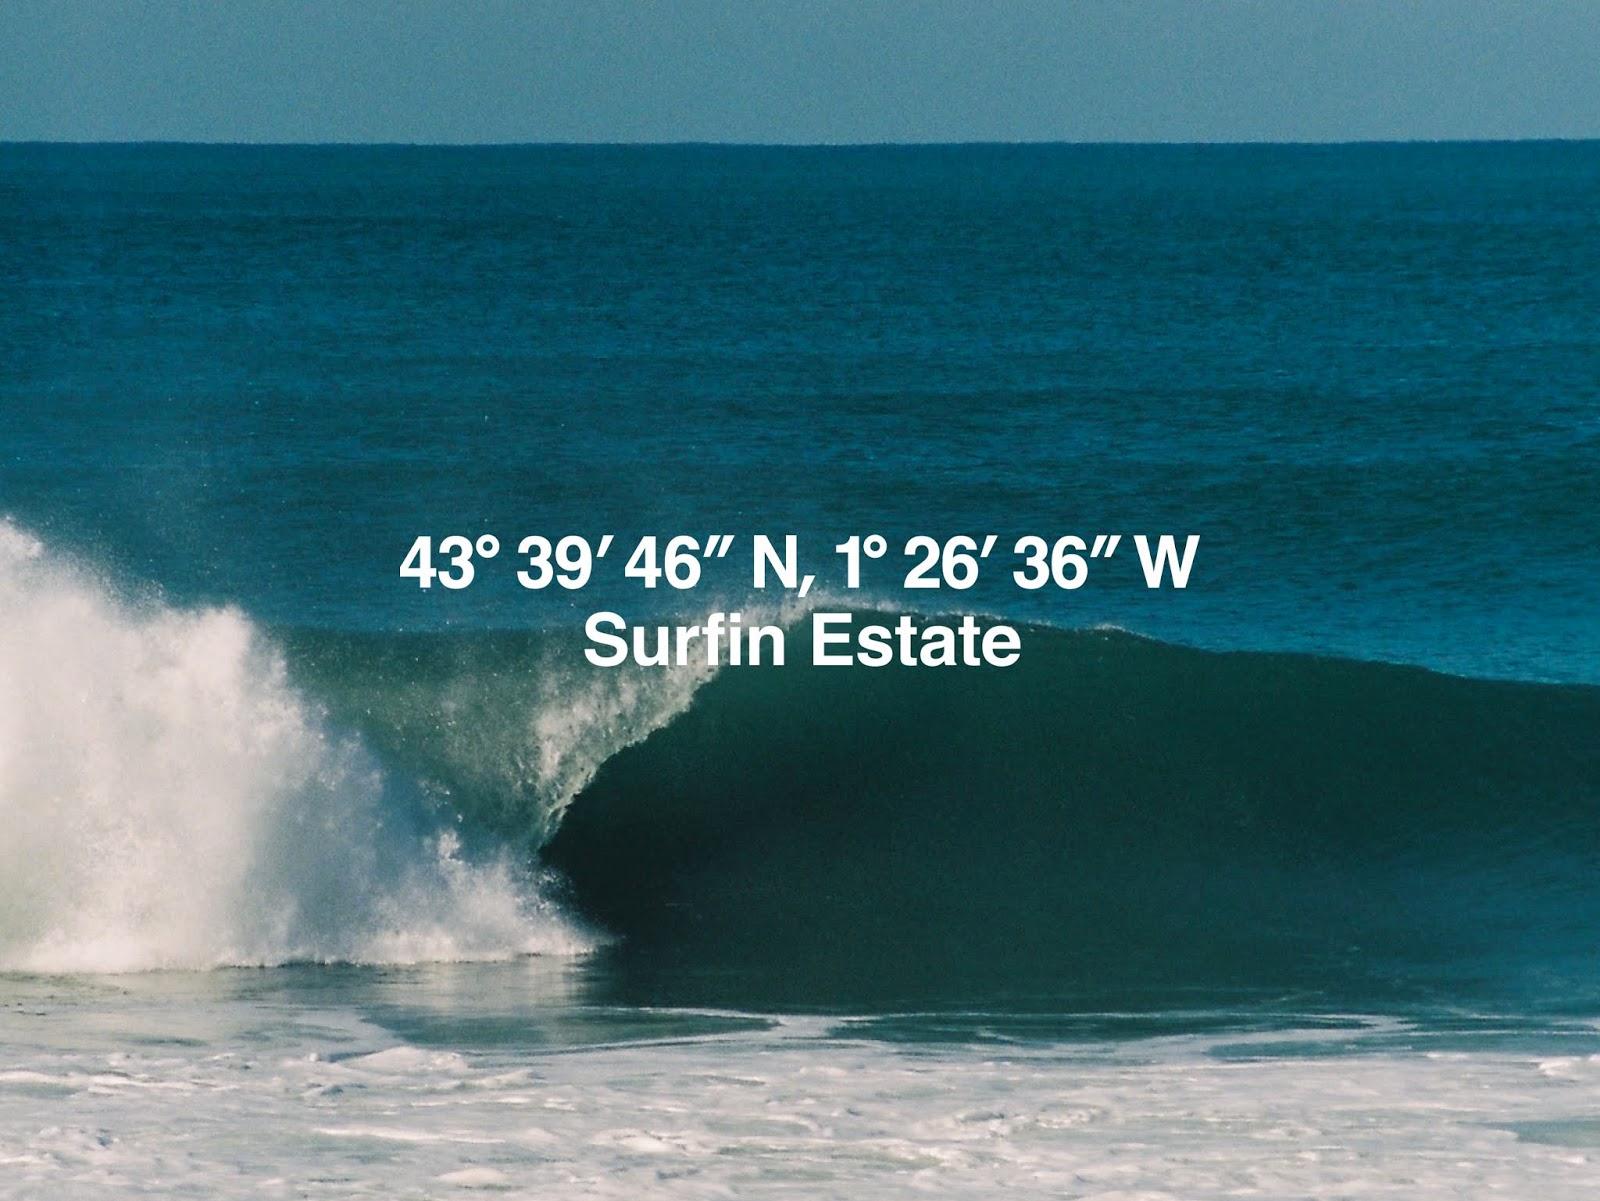 surfinestate Hossegor France brand clothing apparel surf surfboard shape handshape design desktop wallpaper 35mm Vincent Lemanceau Arthur Nelli